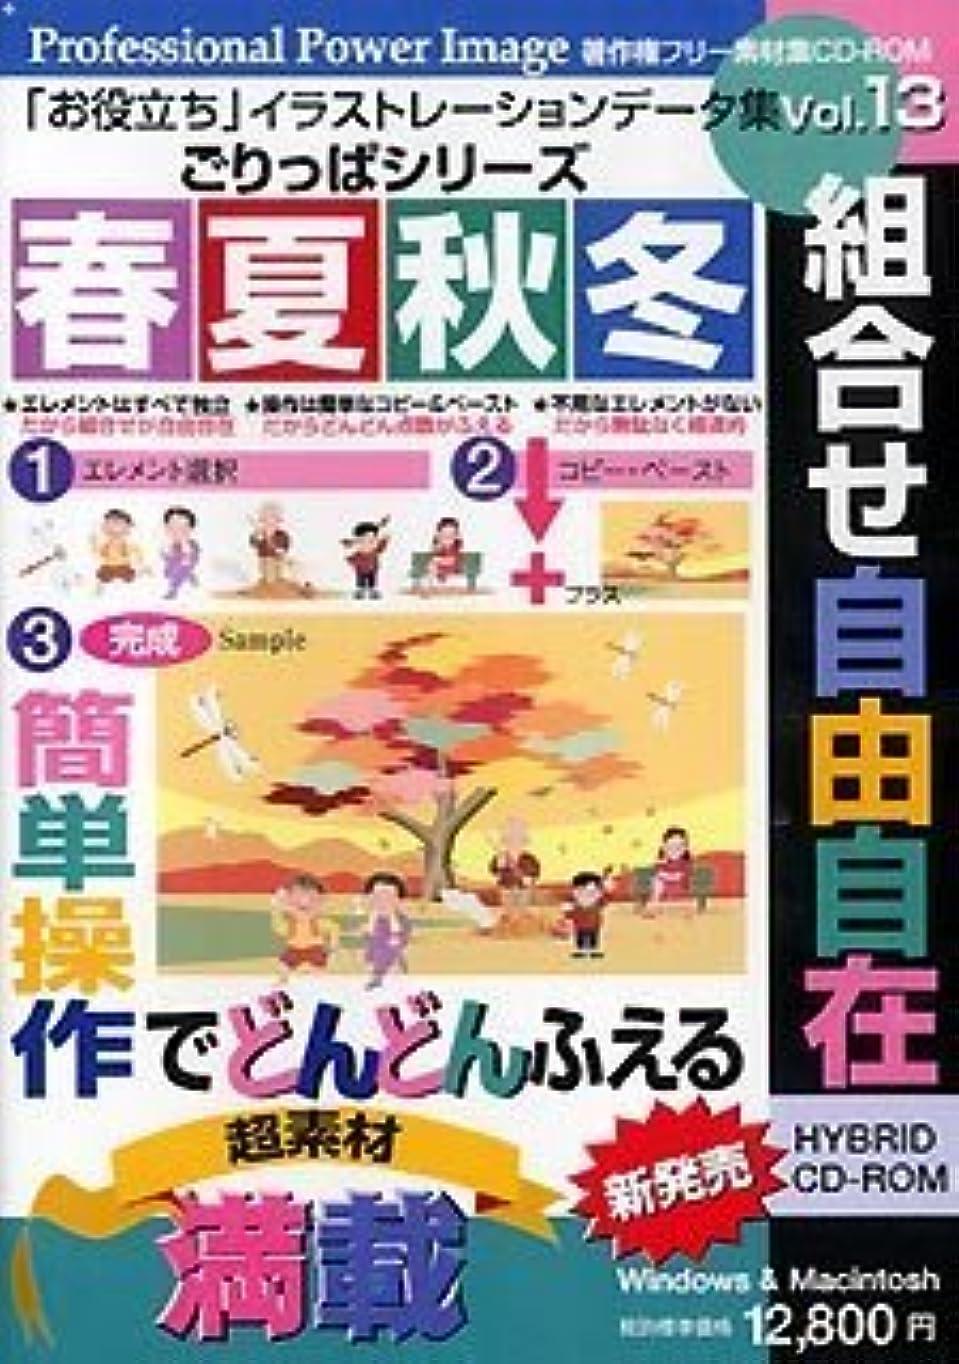 レーダーパトワ代わりにを立てるごりっぱシリーズ Vol.13「春夏秋冬」